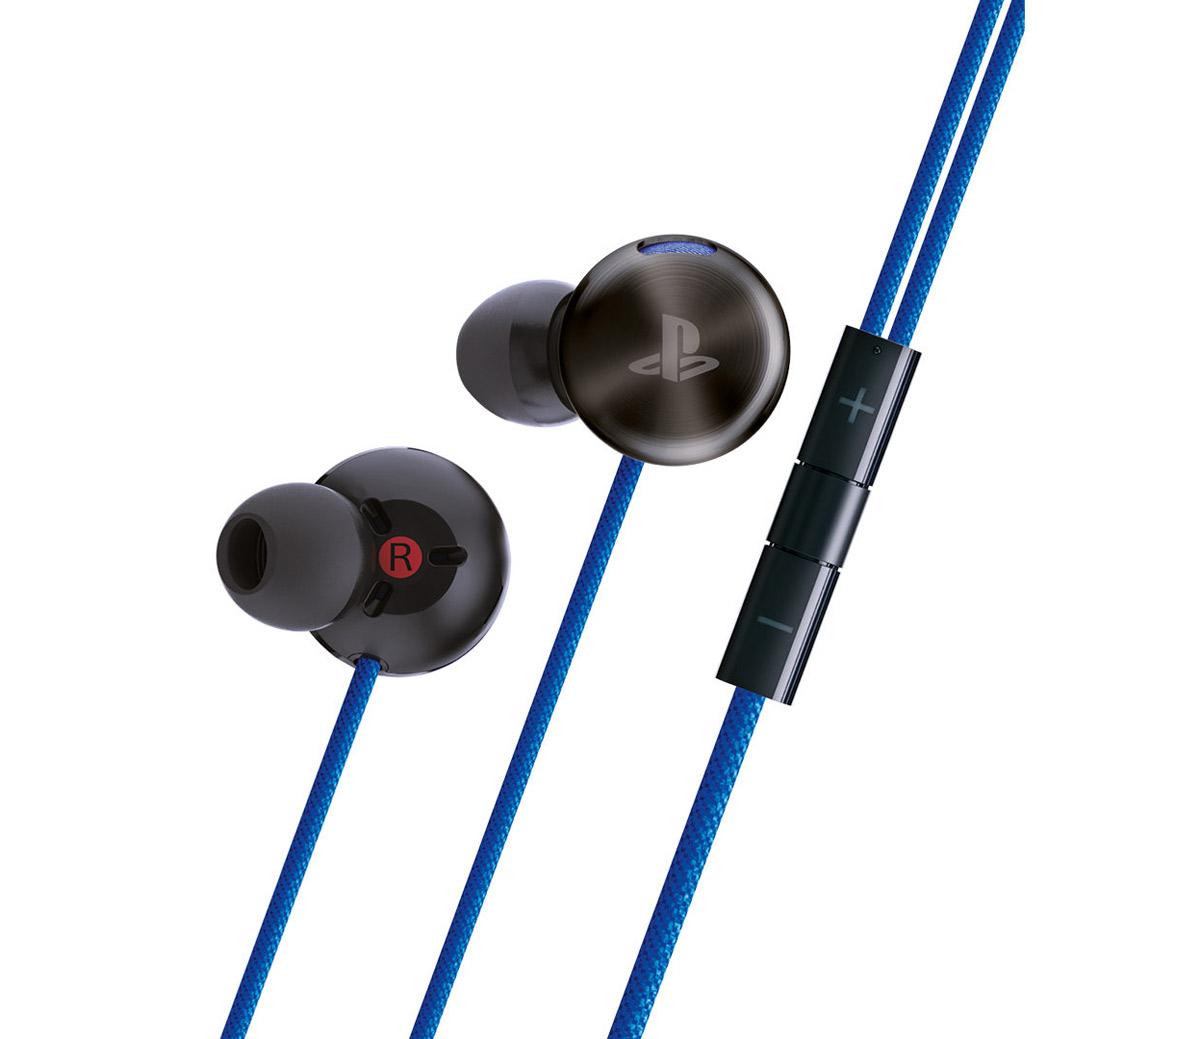 Стереогарнитура для PS4SLEH-00305Стереогарнитура для PS4 (с поддержкой PS3) подключается к контроллеру Dualshock 4. Она также совместима с PS Vita и большинством смартфонов и планшетов. Слушайте с легкостью, используя активную шумоподавляющую технологию AudioShield, которая обеспечивает высочайшее качество звука, блокируя нежелательный фоновый шум. Функция шумоподавления работает от аккумулятора пятнадцать часов без подзарядки, а это означает, что вы можете играть дольше без помех.